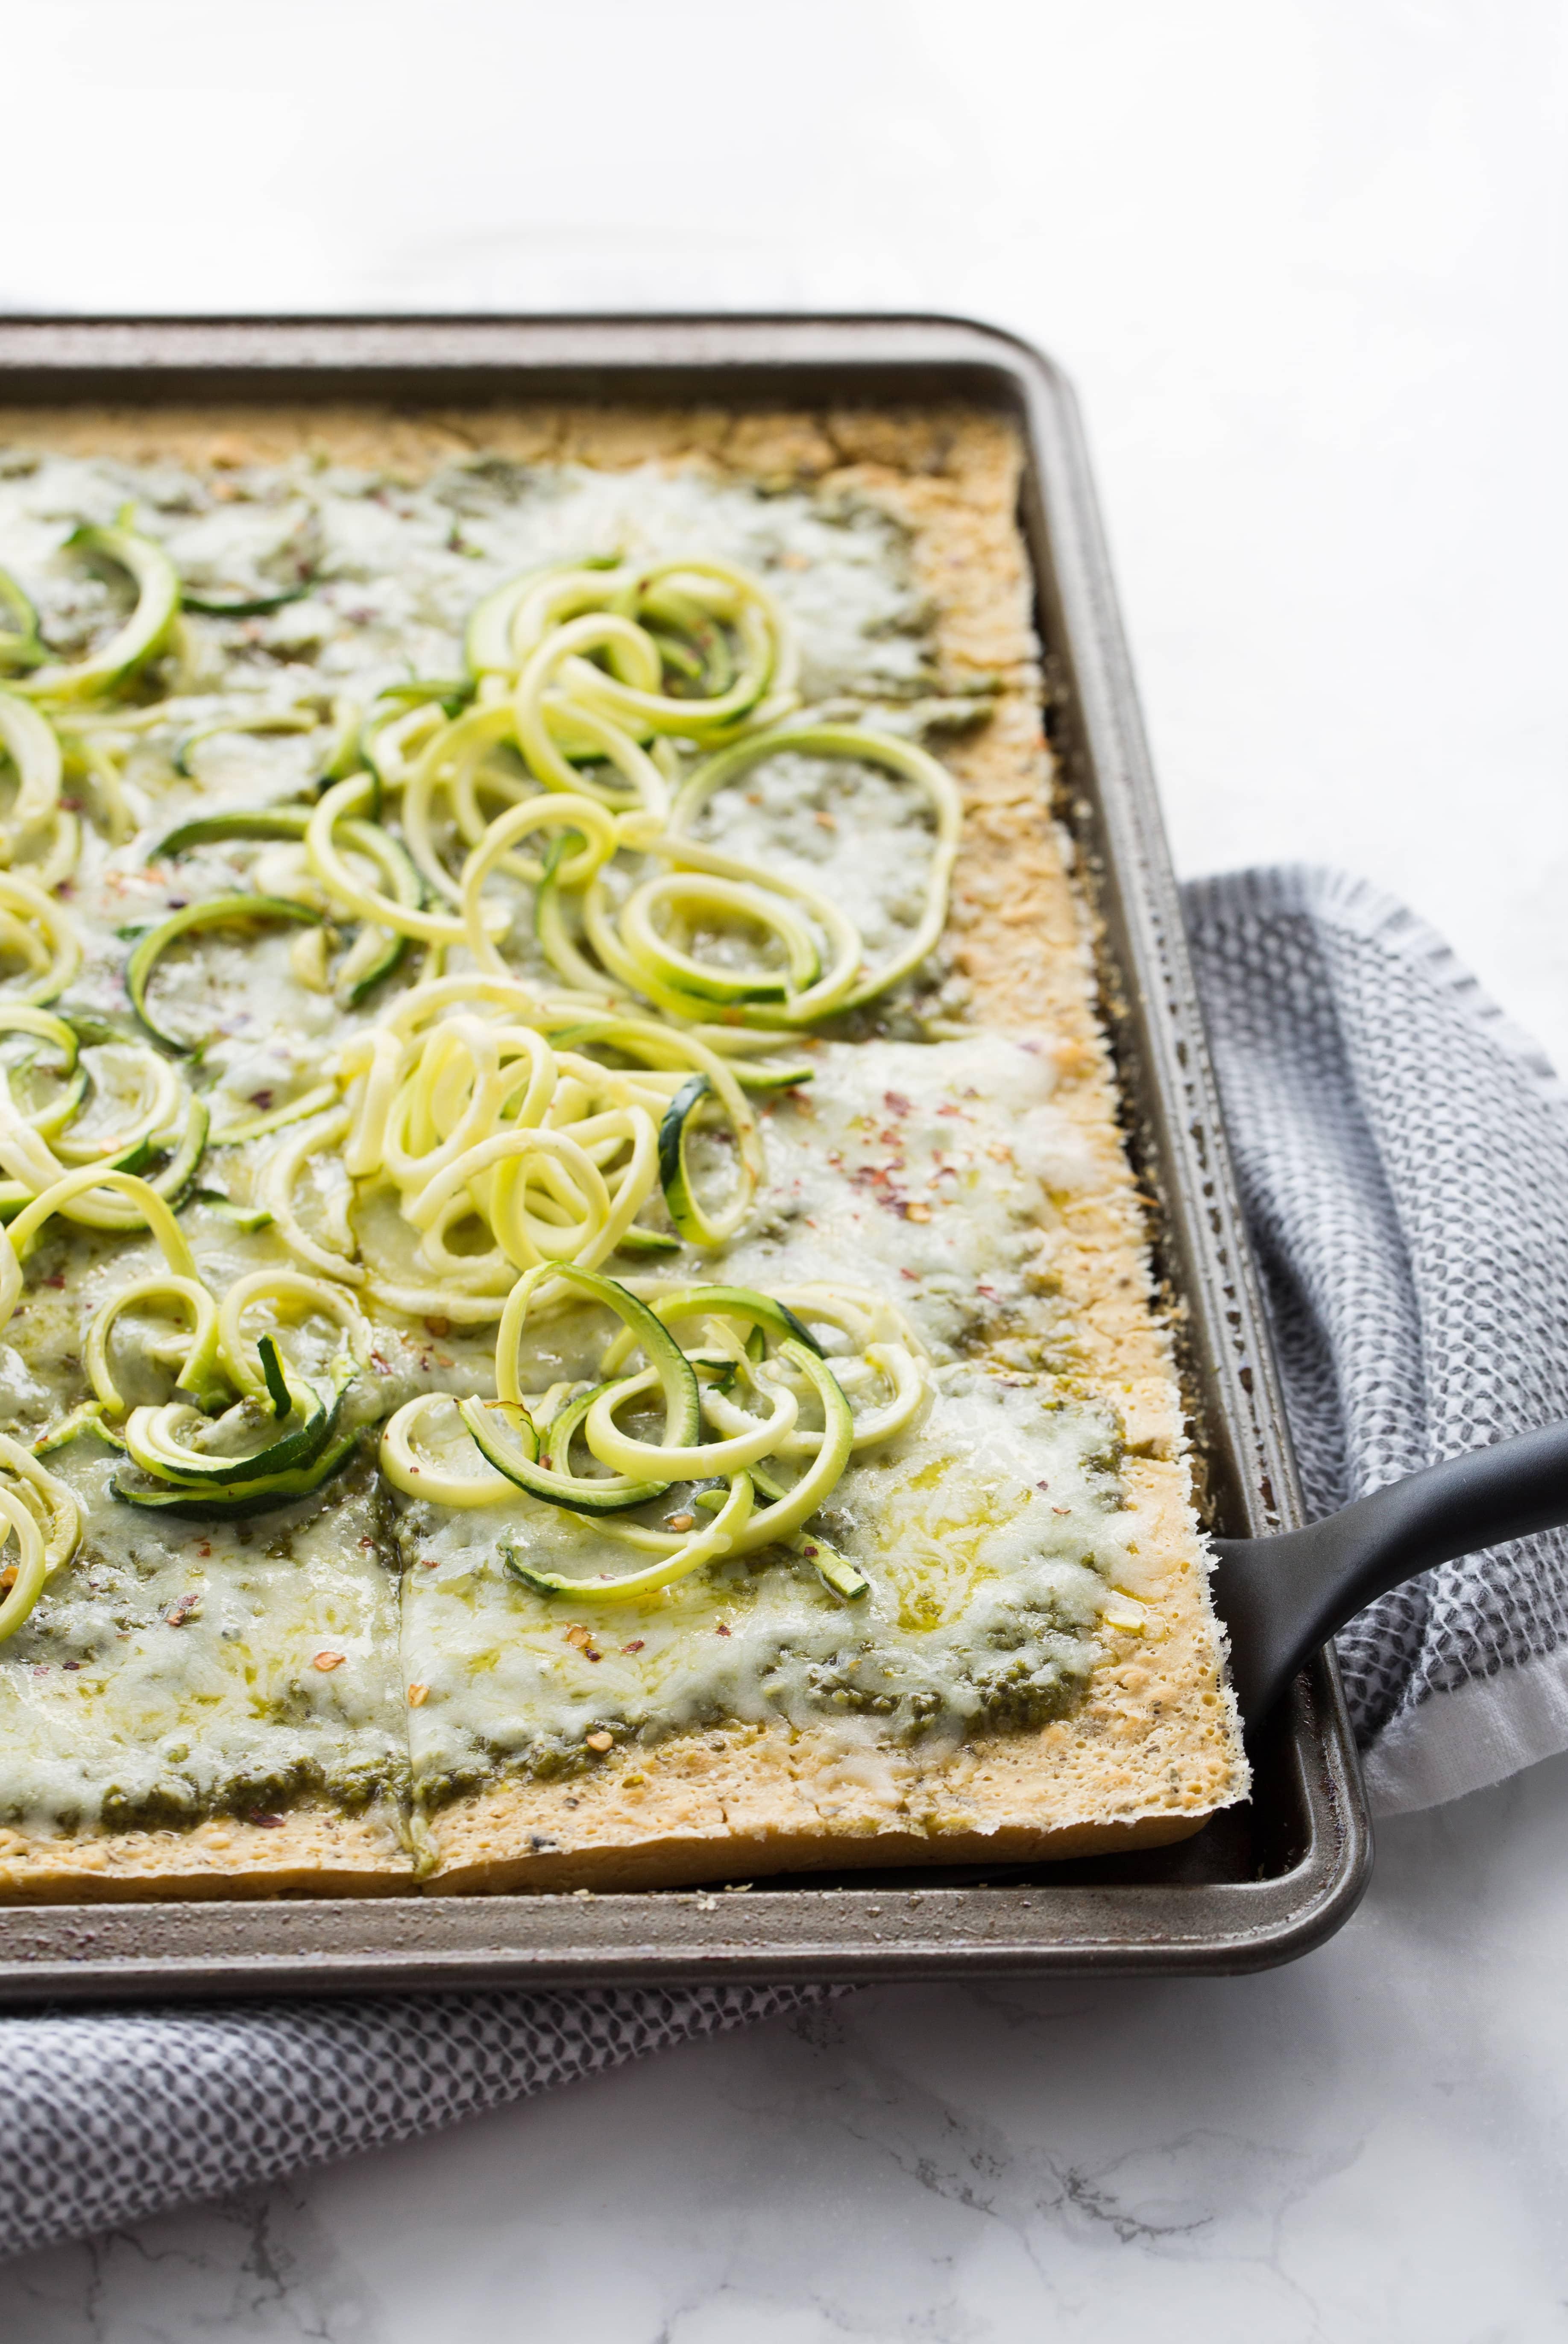 Socca Pesto Flatbread with Zucchini Noodles